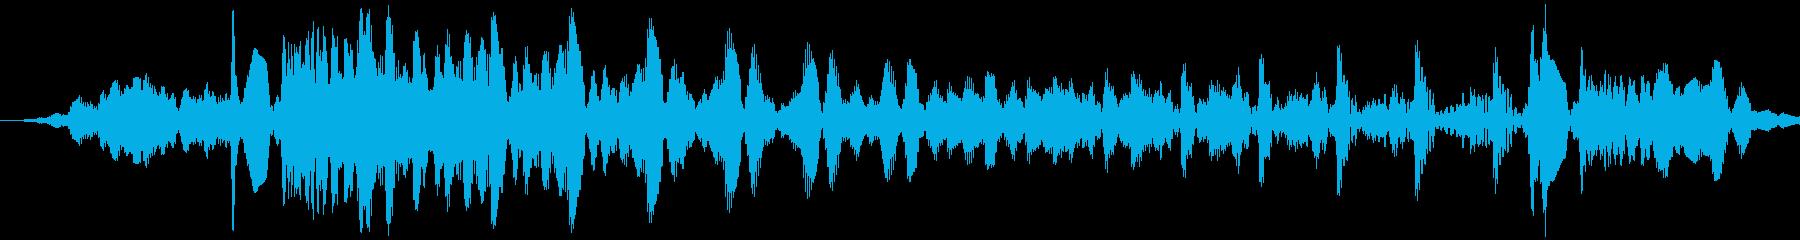 宇宙コンピューターのショートスプリ...の再生済みの波形